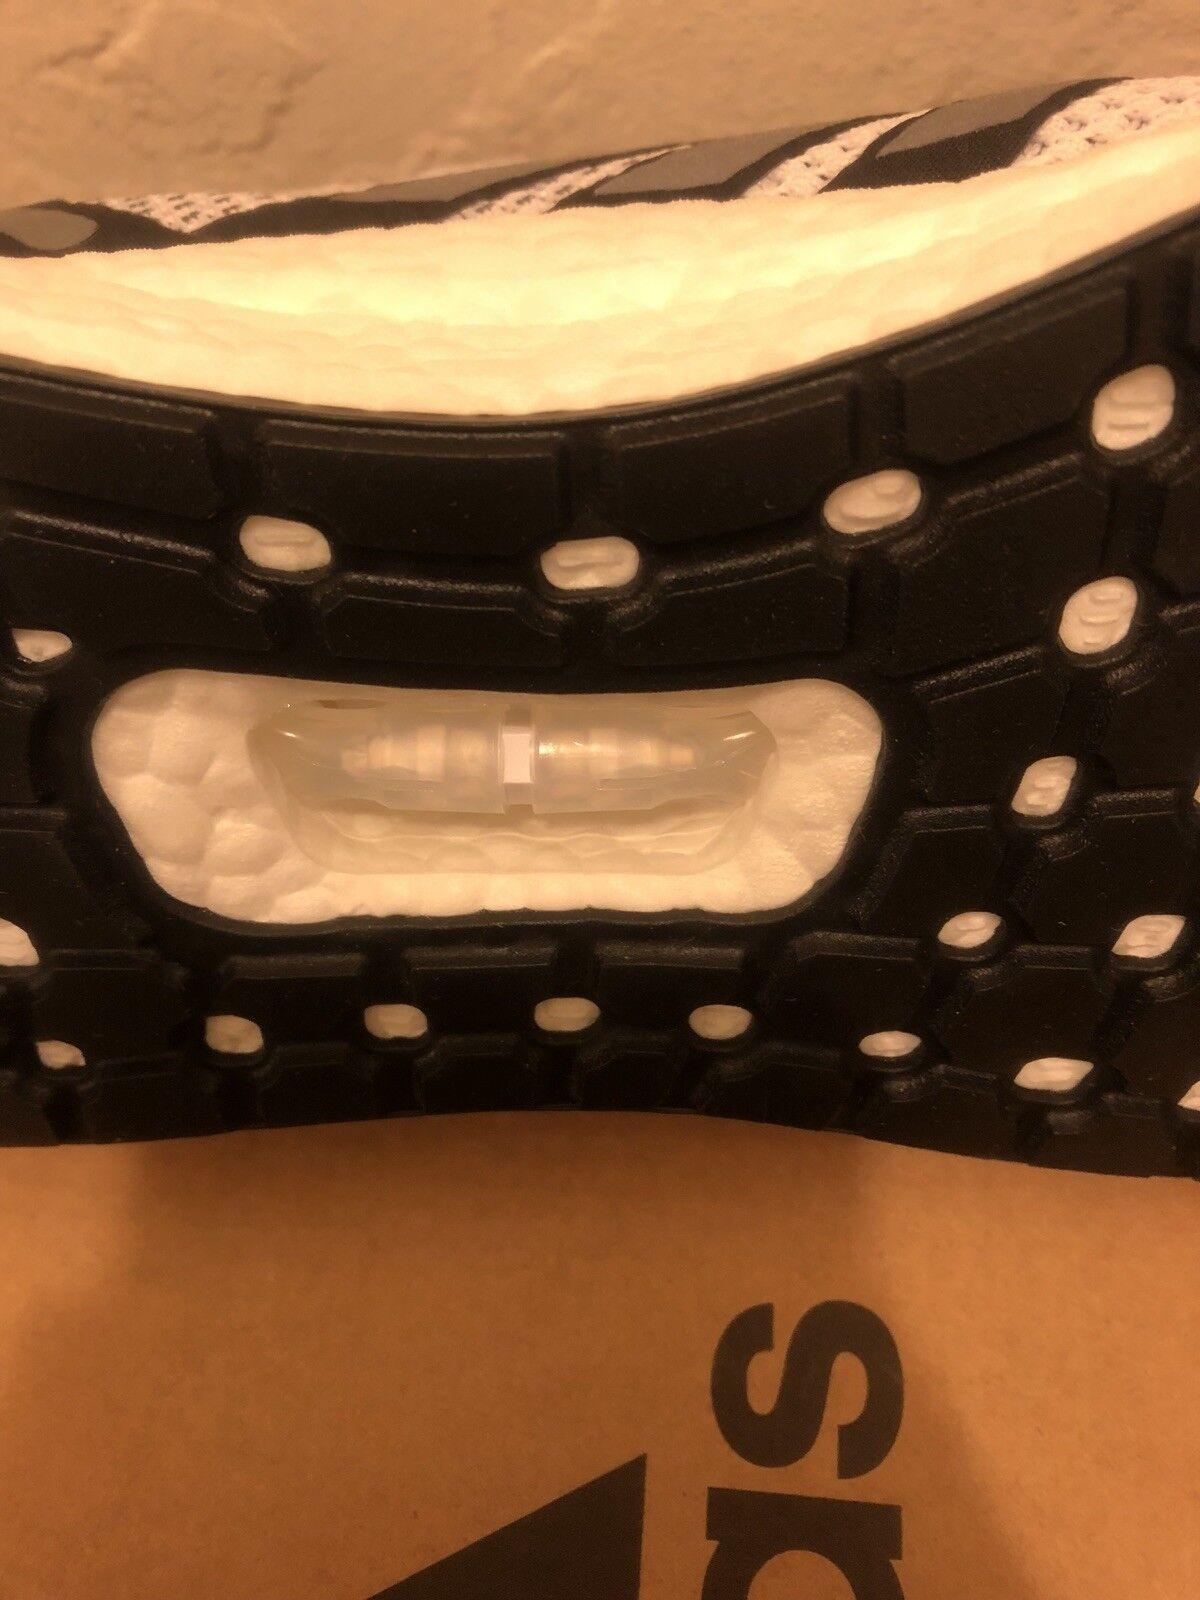 Adidas Speedfactory AM4 AM4TKY Tokyo Black Grey White Boost Boost Boost EF1561 Sz 11 8f166d